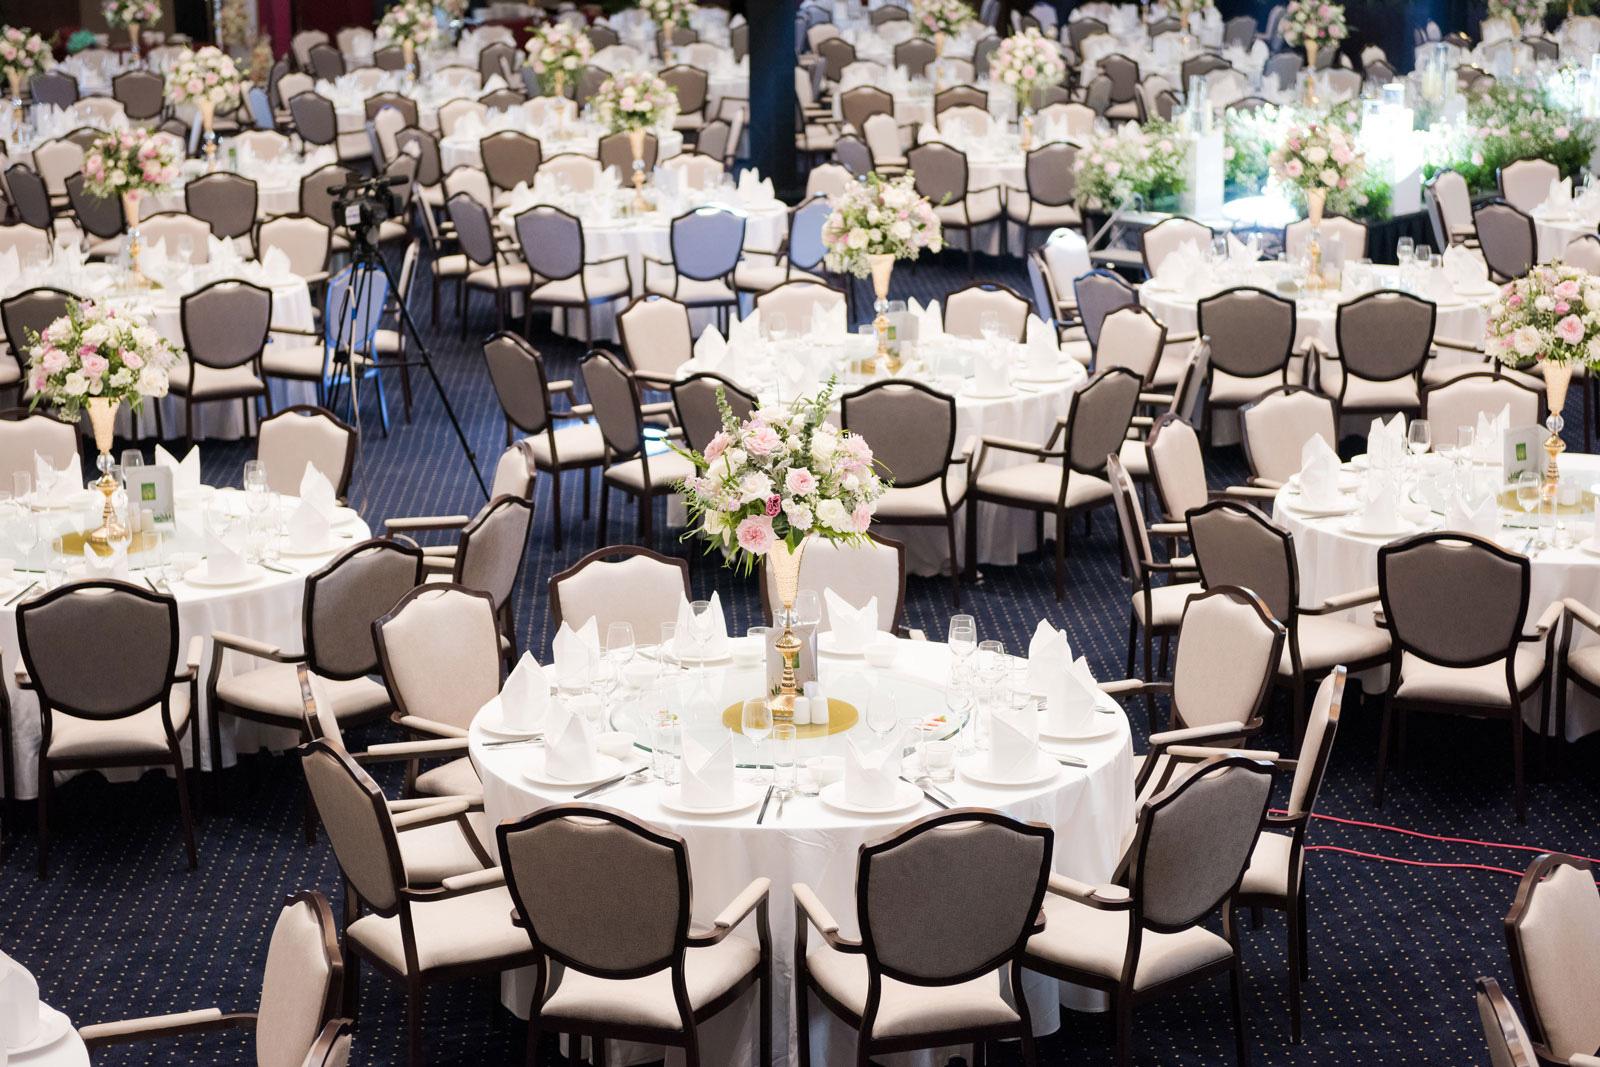 Không gian tiệc cưới như cổ tích tại FLC Hạ Long- Khách sạn Hội nghị hàng đầu châu Á - Ảnh 2.